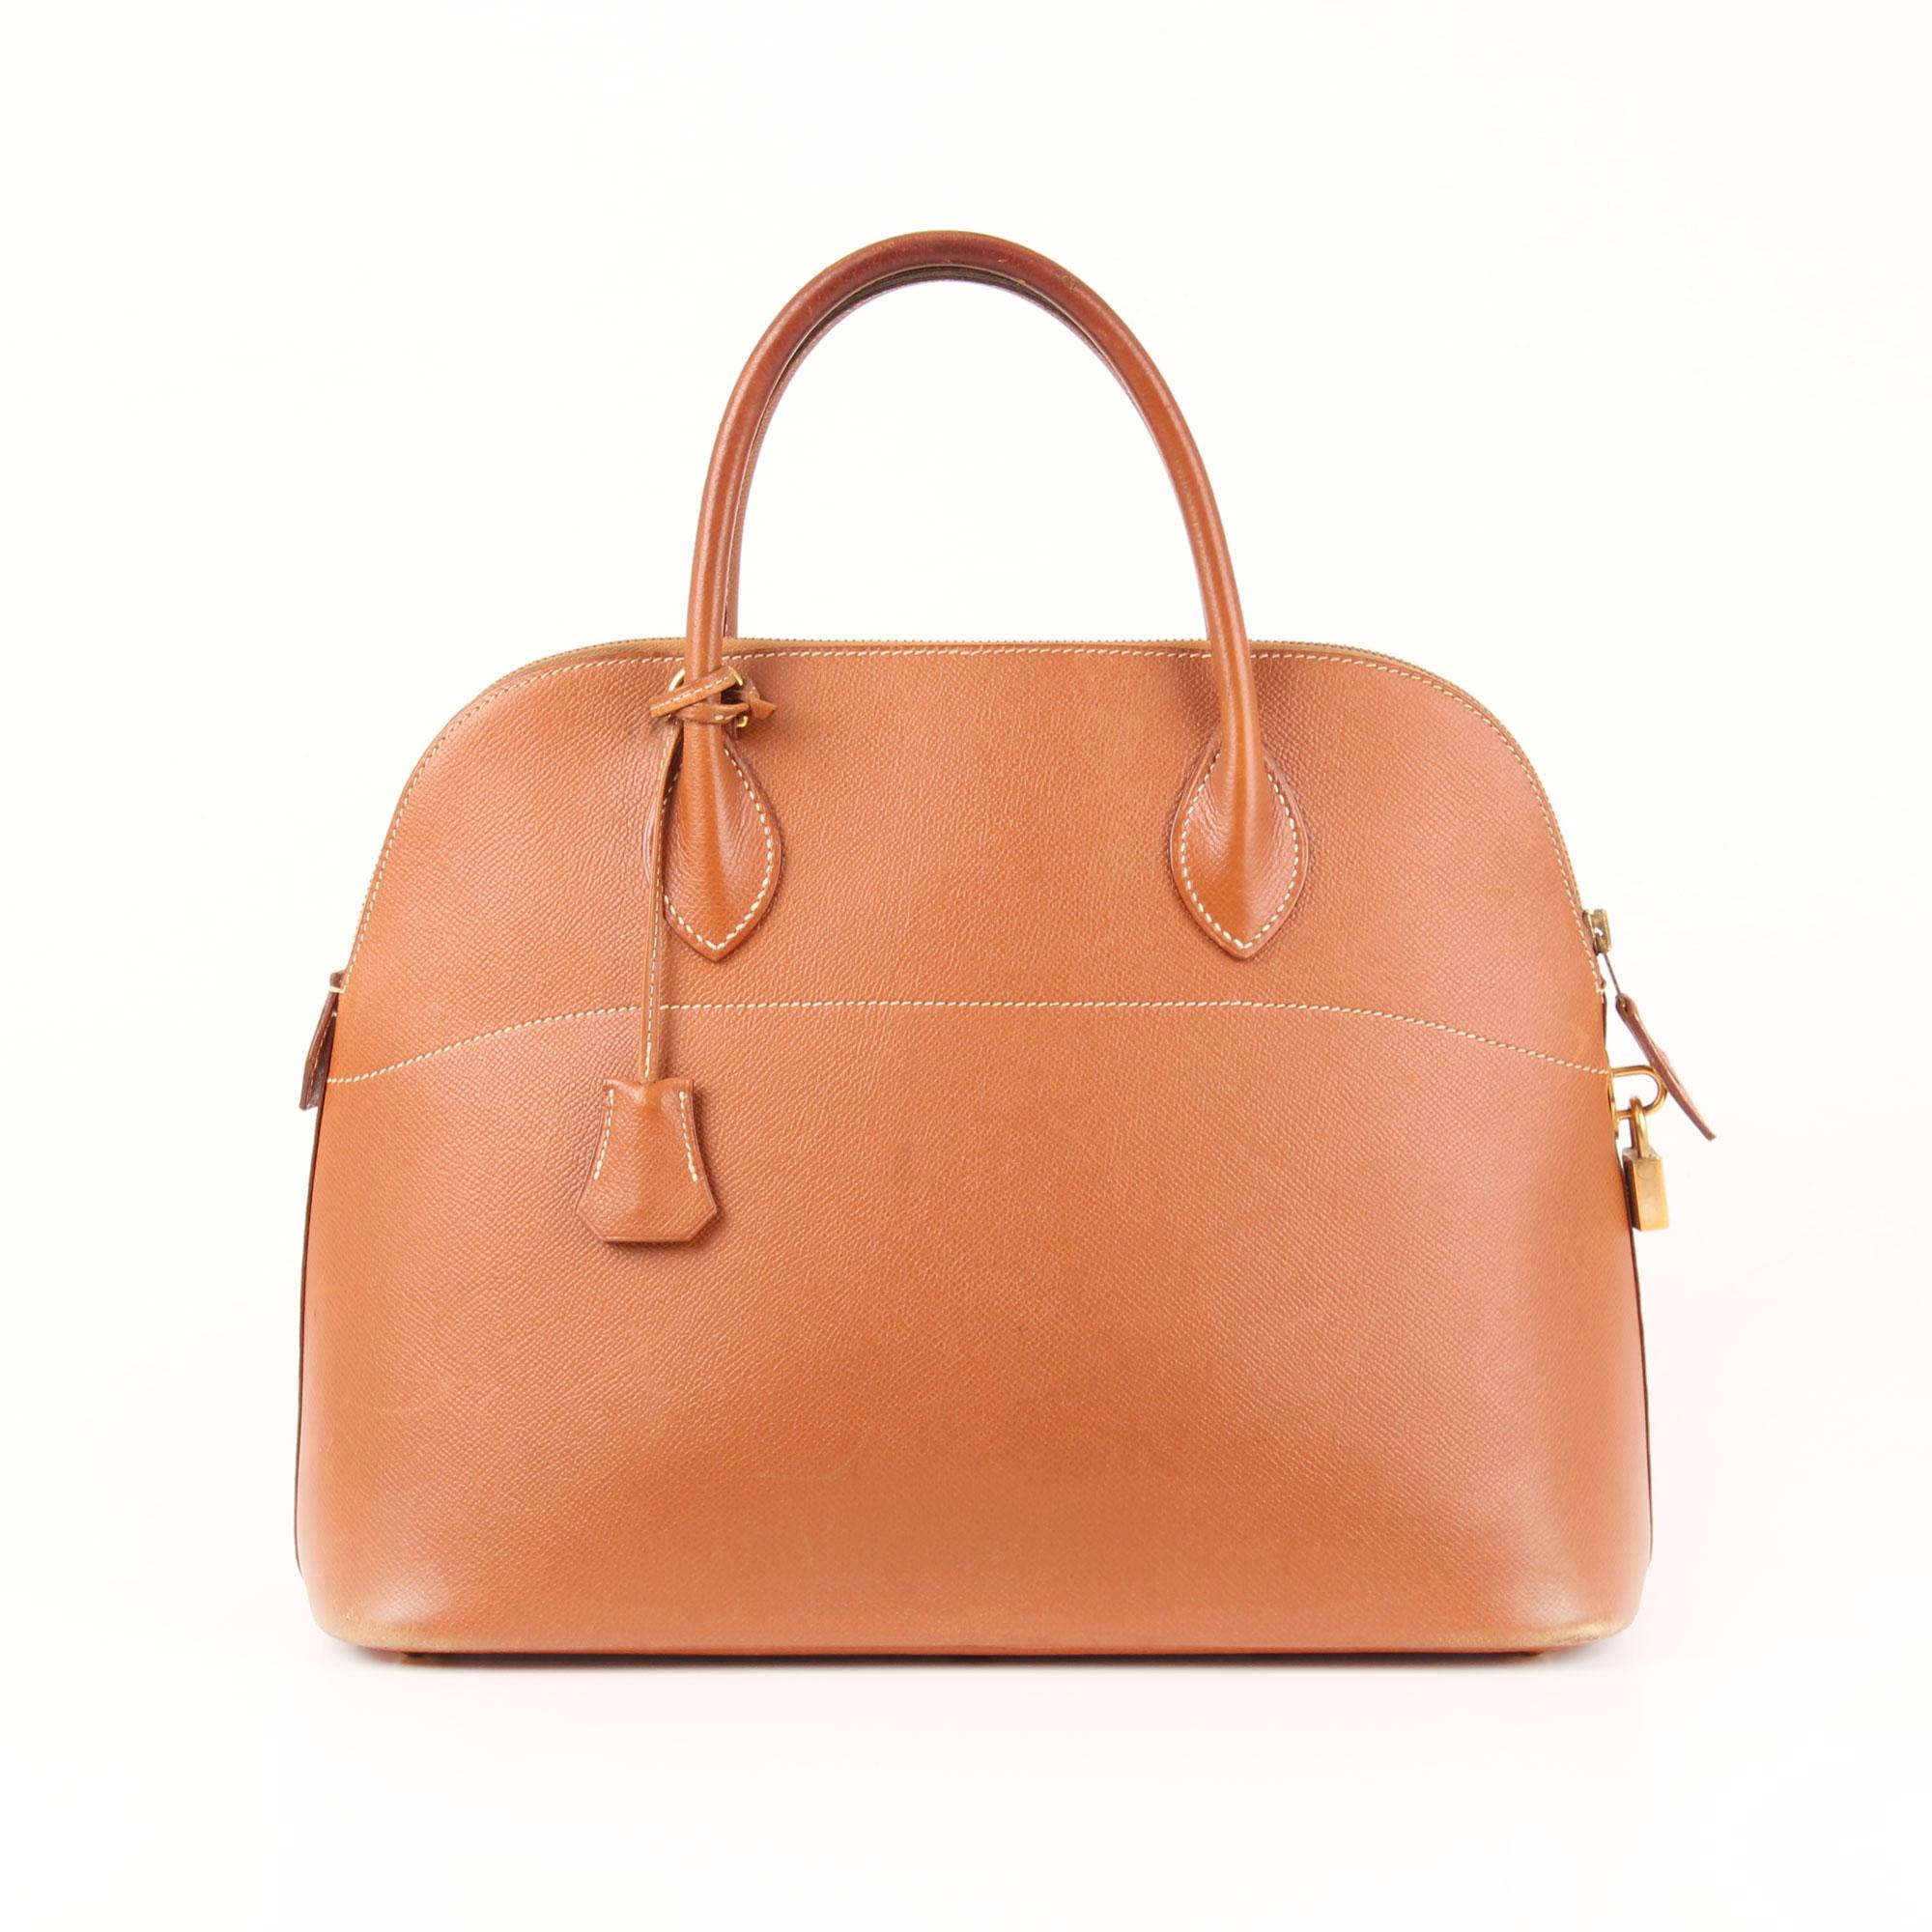 Gold Hermès Bags Bolide Cbl Bolso Courchevel I va4f6qvtw